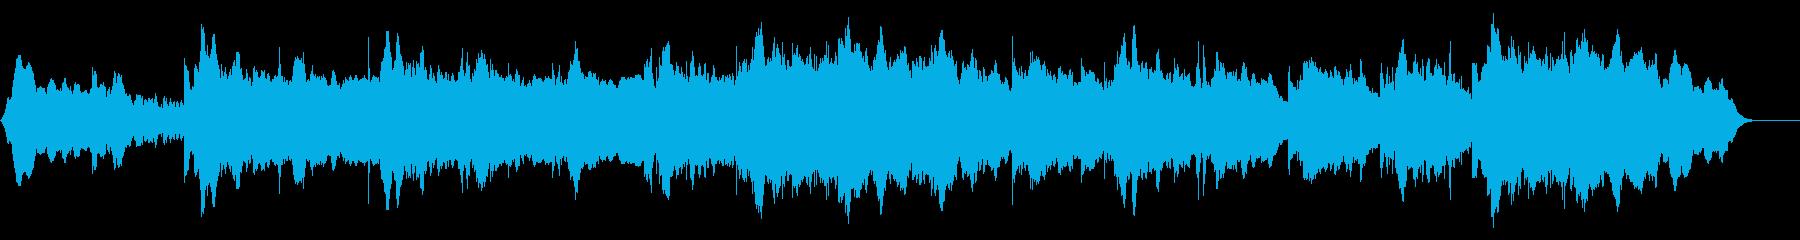 プラネタリウムや宇宙をイメージしたBGMの再生済みの波形